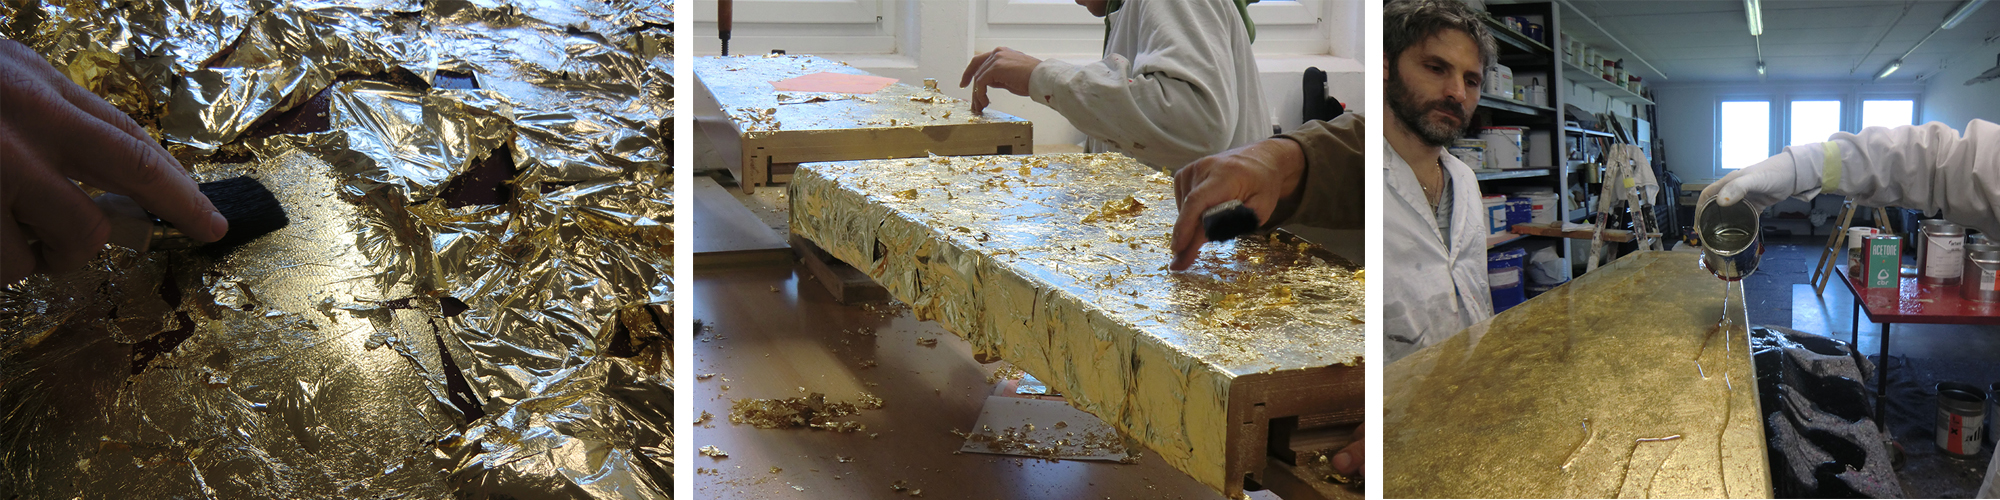 Goldtreppe | scala dorata